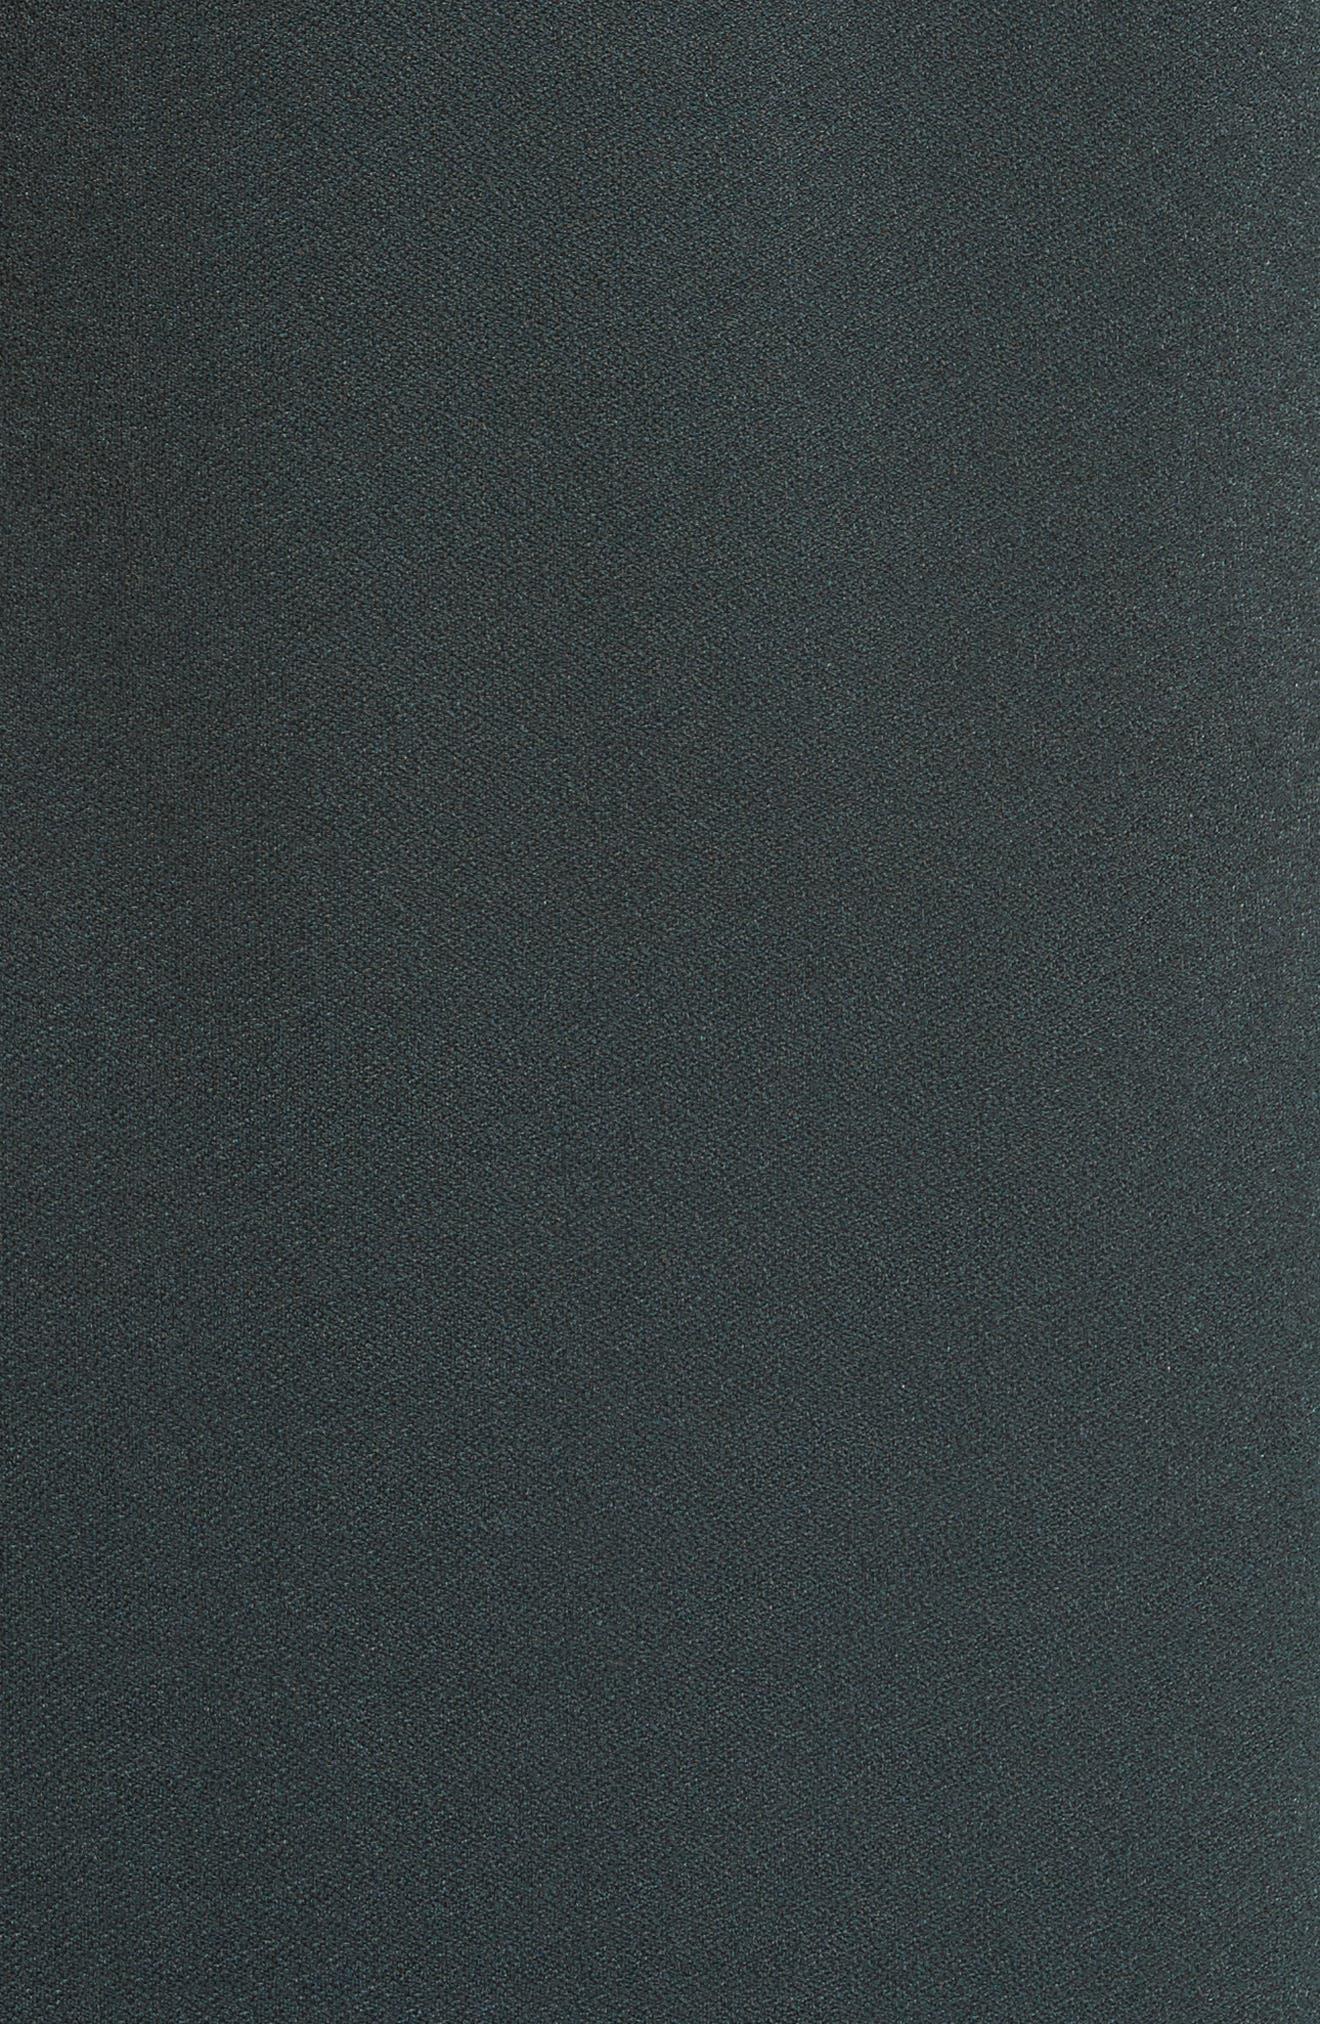 Ruffled Crepe Knit Midi Dress,                             Alternate thumbnail 5, color,                             303